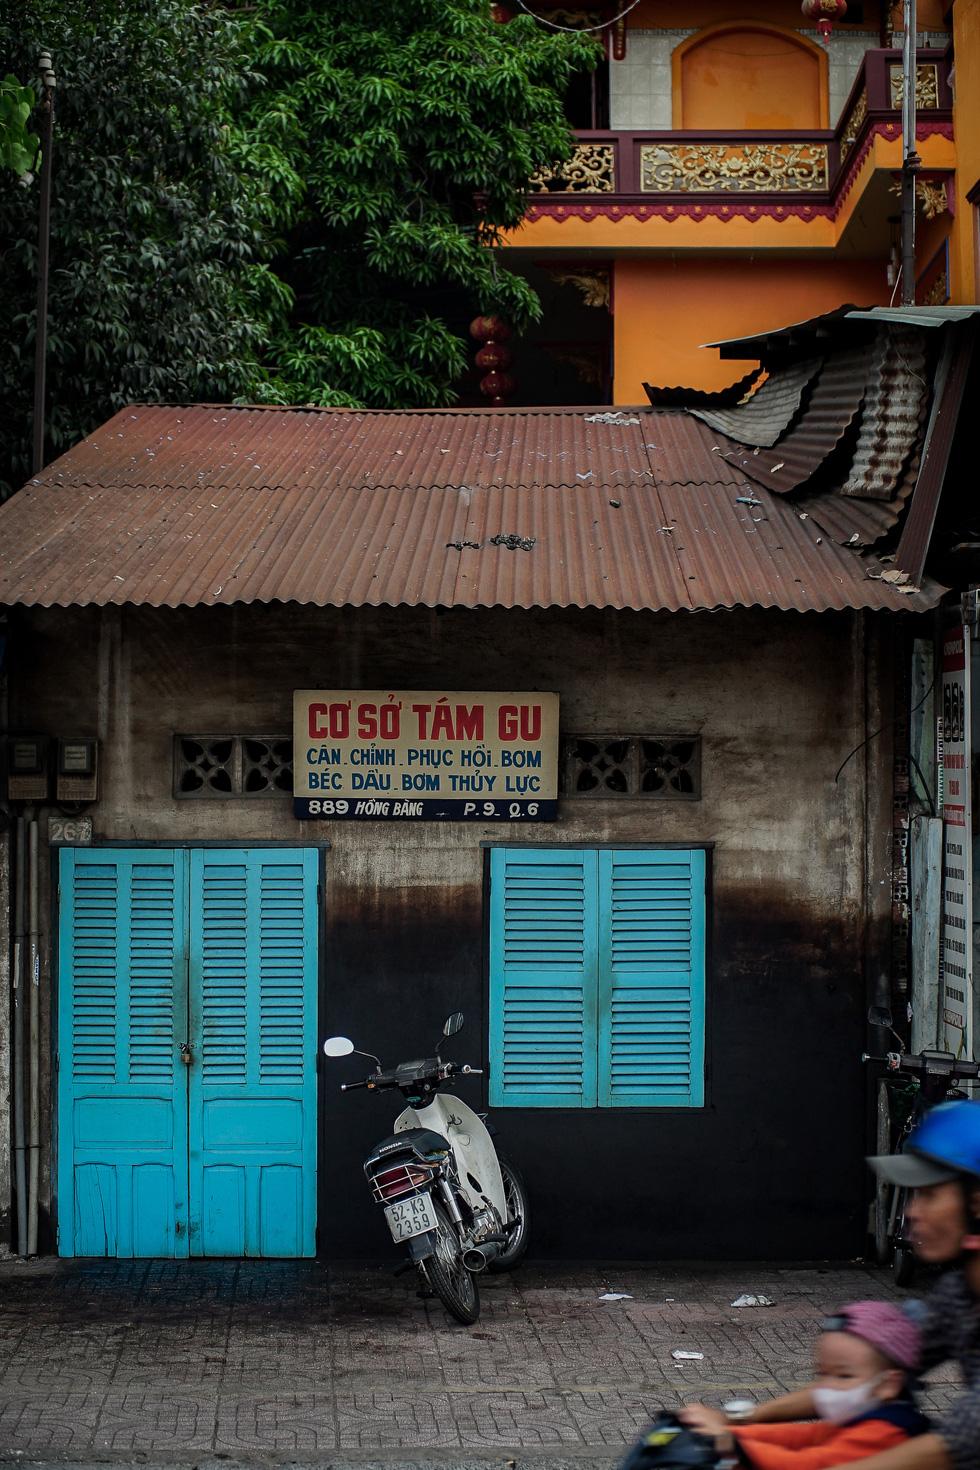 Mấy người có thương Sài Gòn giống tui hông? - Ảnh 3.